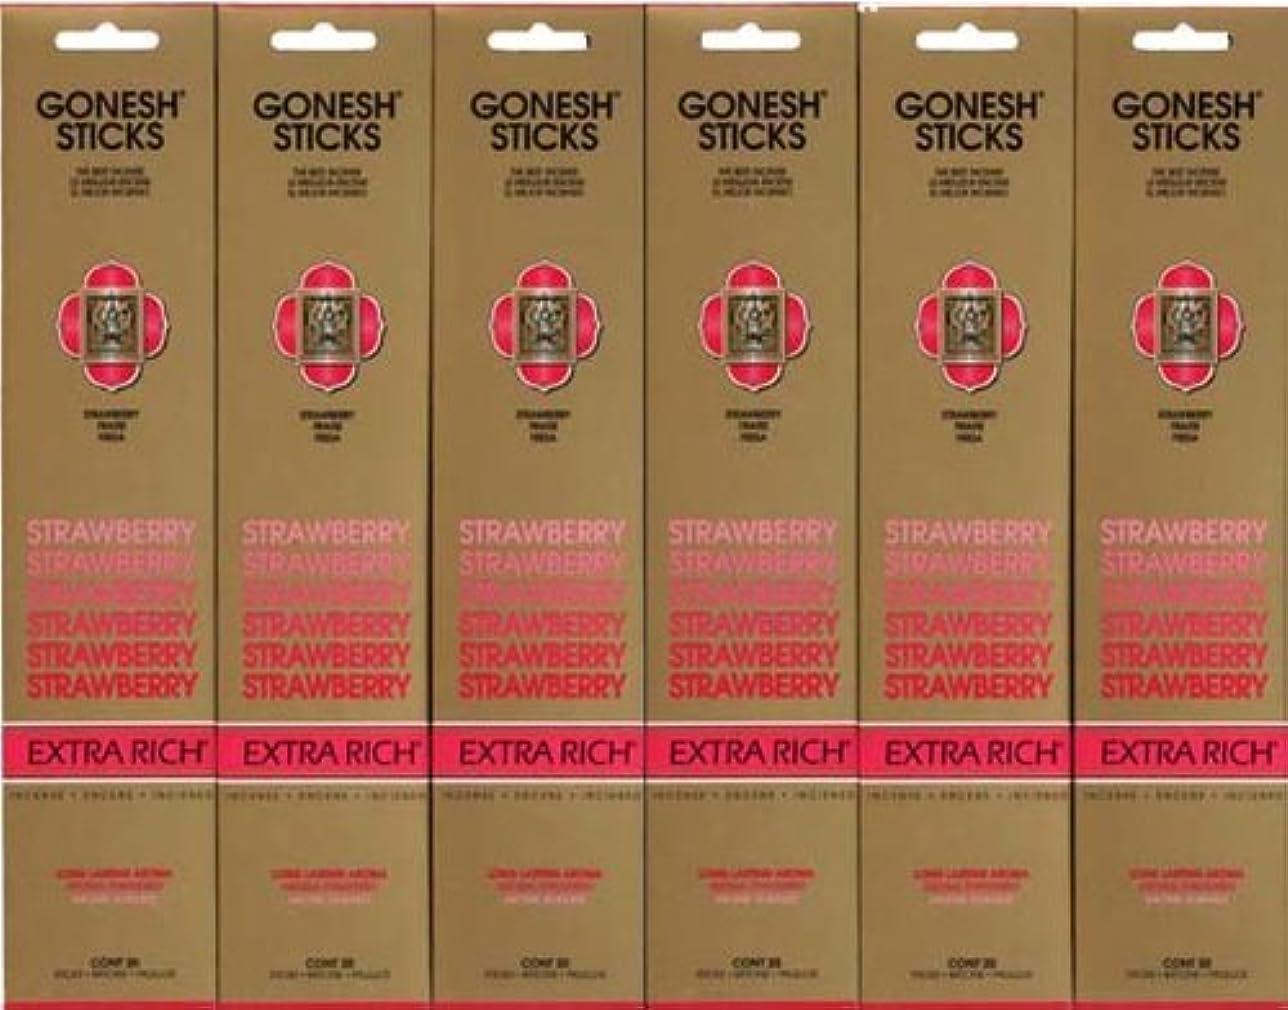 うそつきポジティブ桁GONESH STRAWBERRY ストロベリー スティック 20本入り X 6パック (120本)